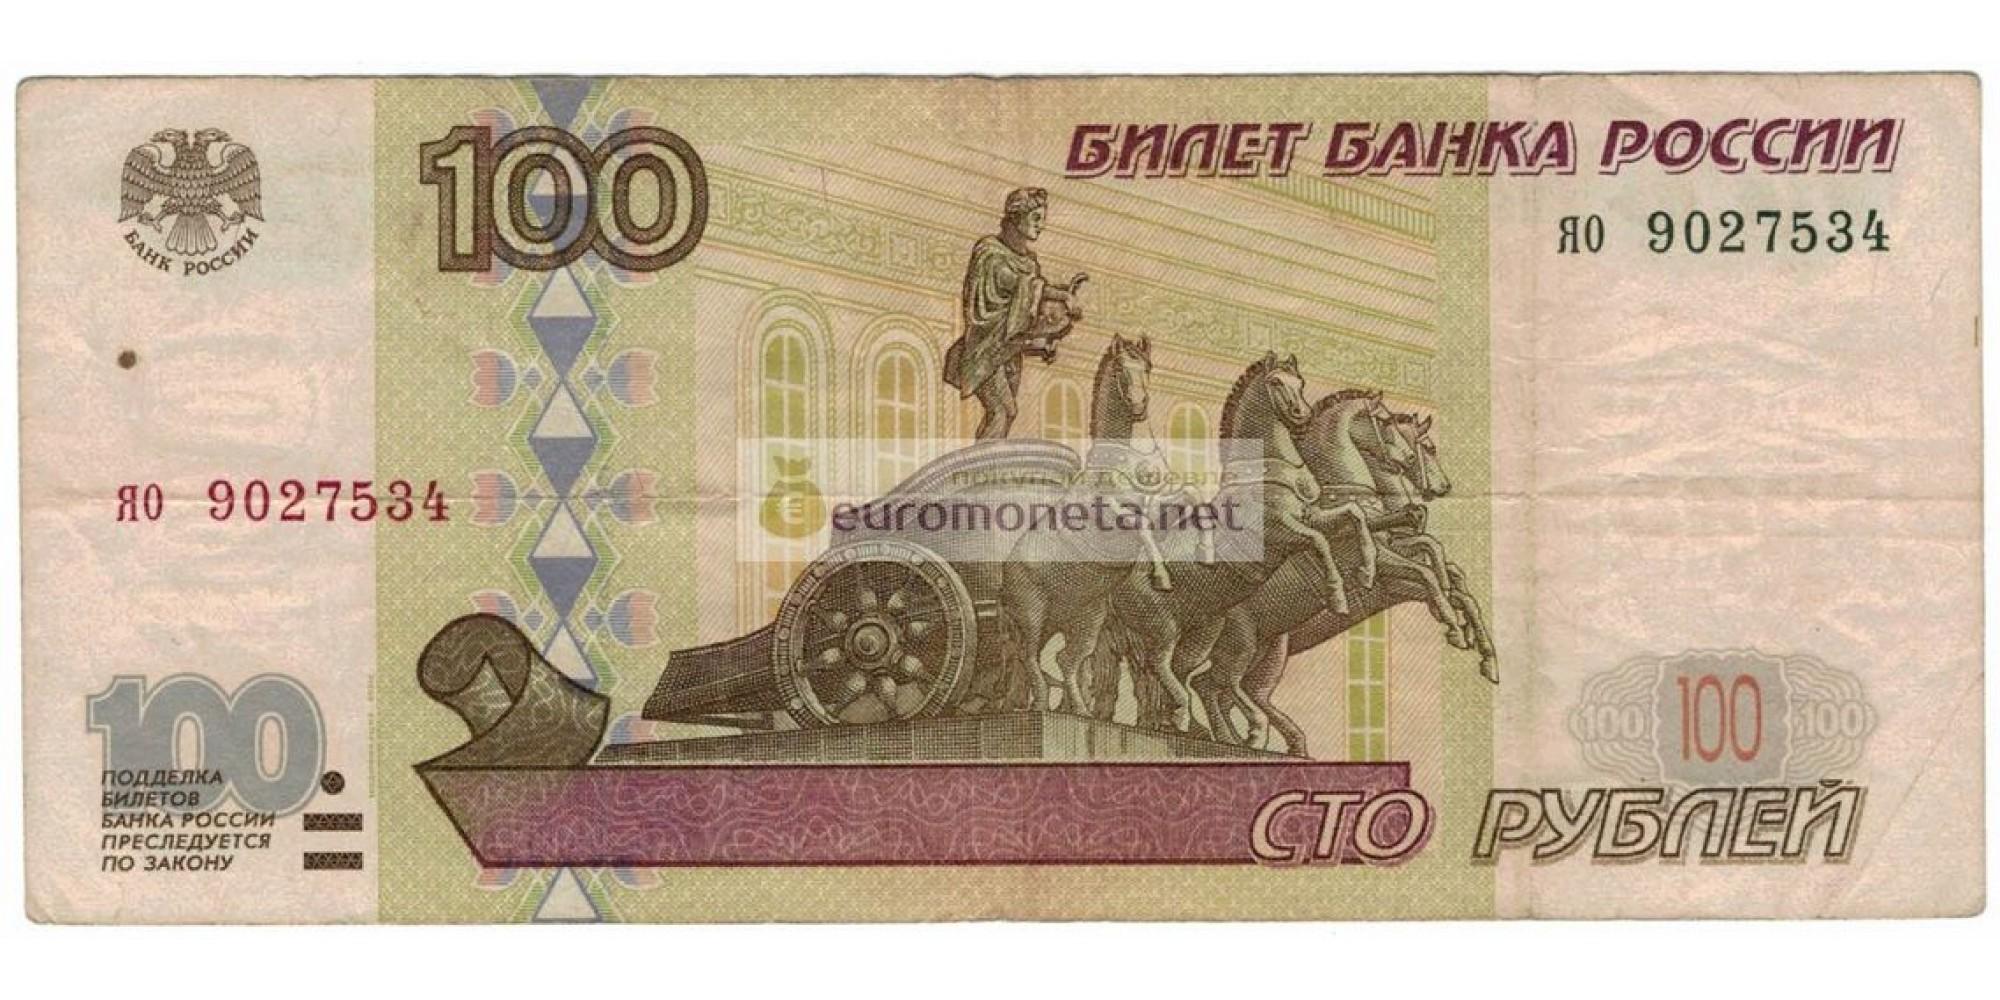 Россия 100 рублей 1997 год модификация 2001 год серия яо 9027534